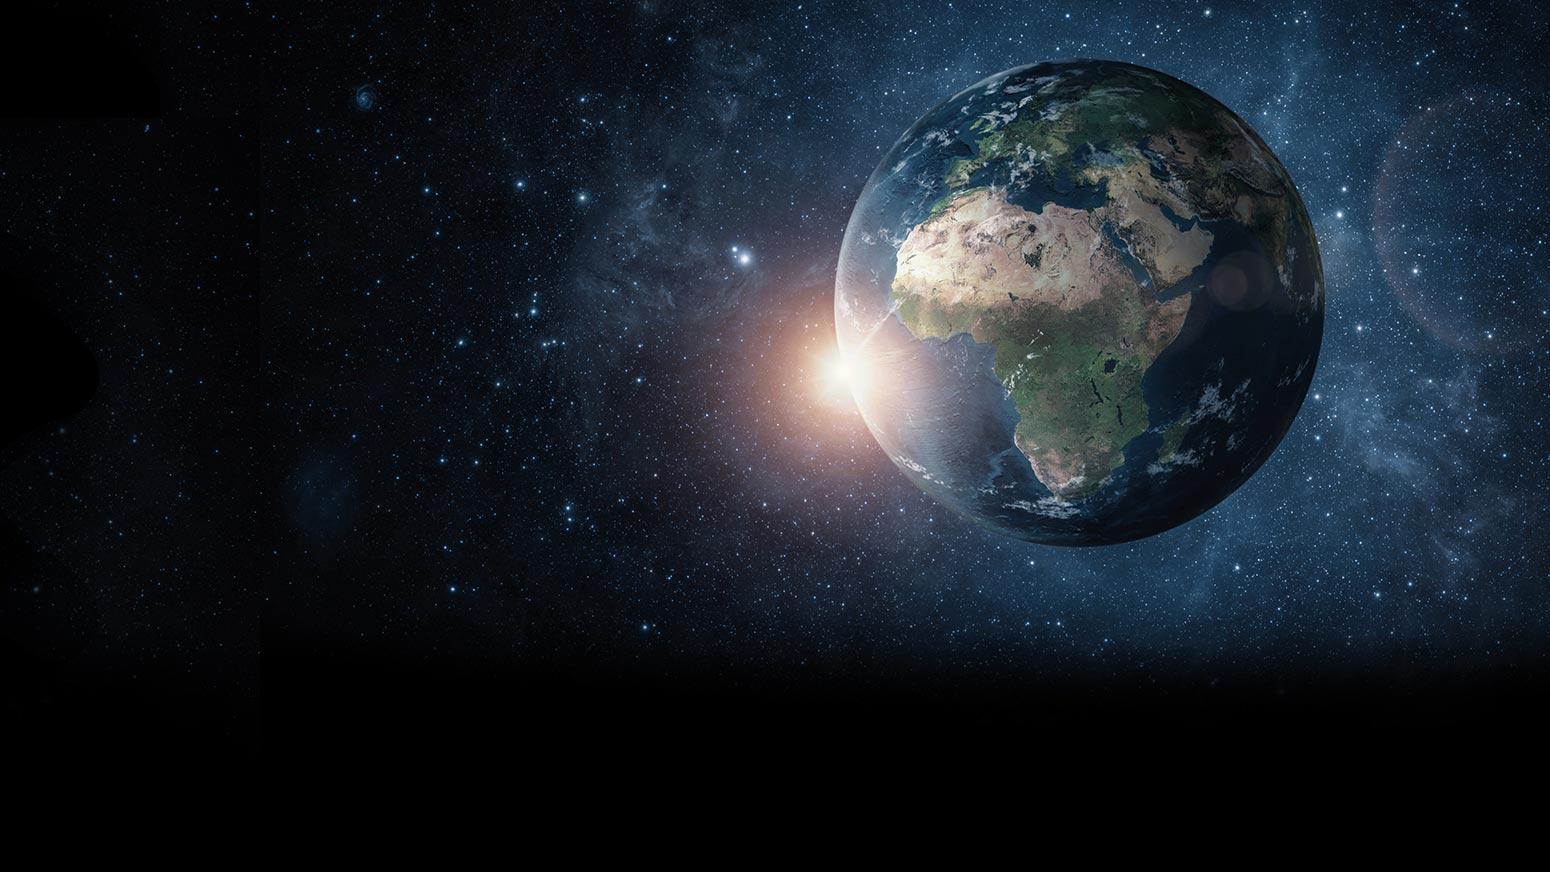 Planeet aarde vanuit de ruimte gezien